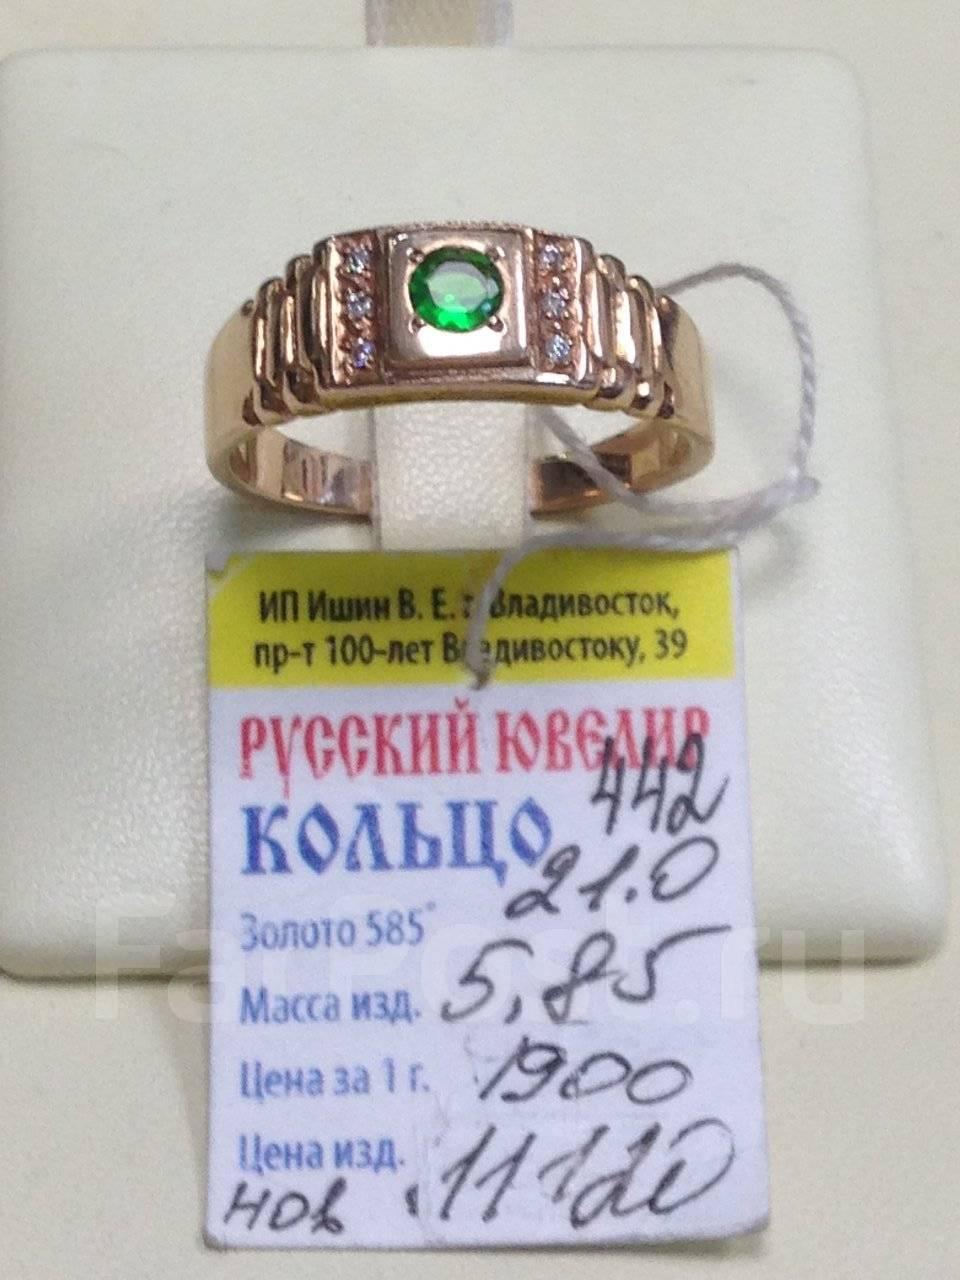 Купить ювелирные мужчине изделия и украшения в Кемеровской области. Цены.  Фото! 42ac01f61db